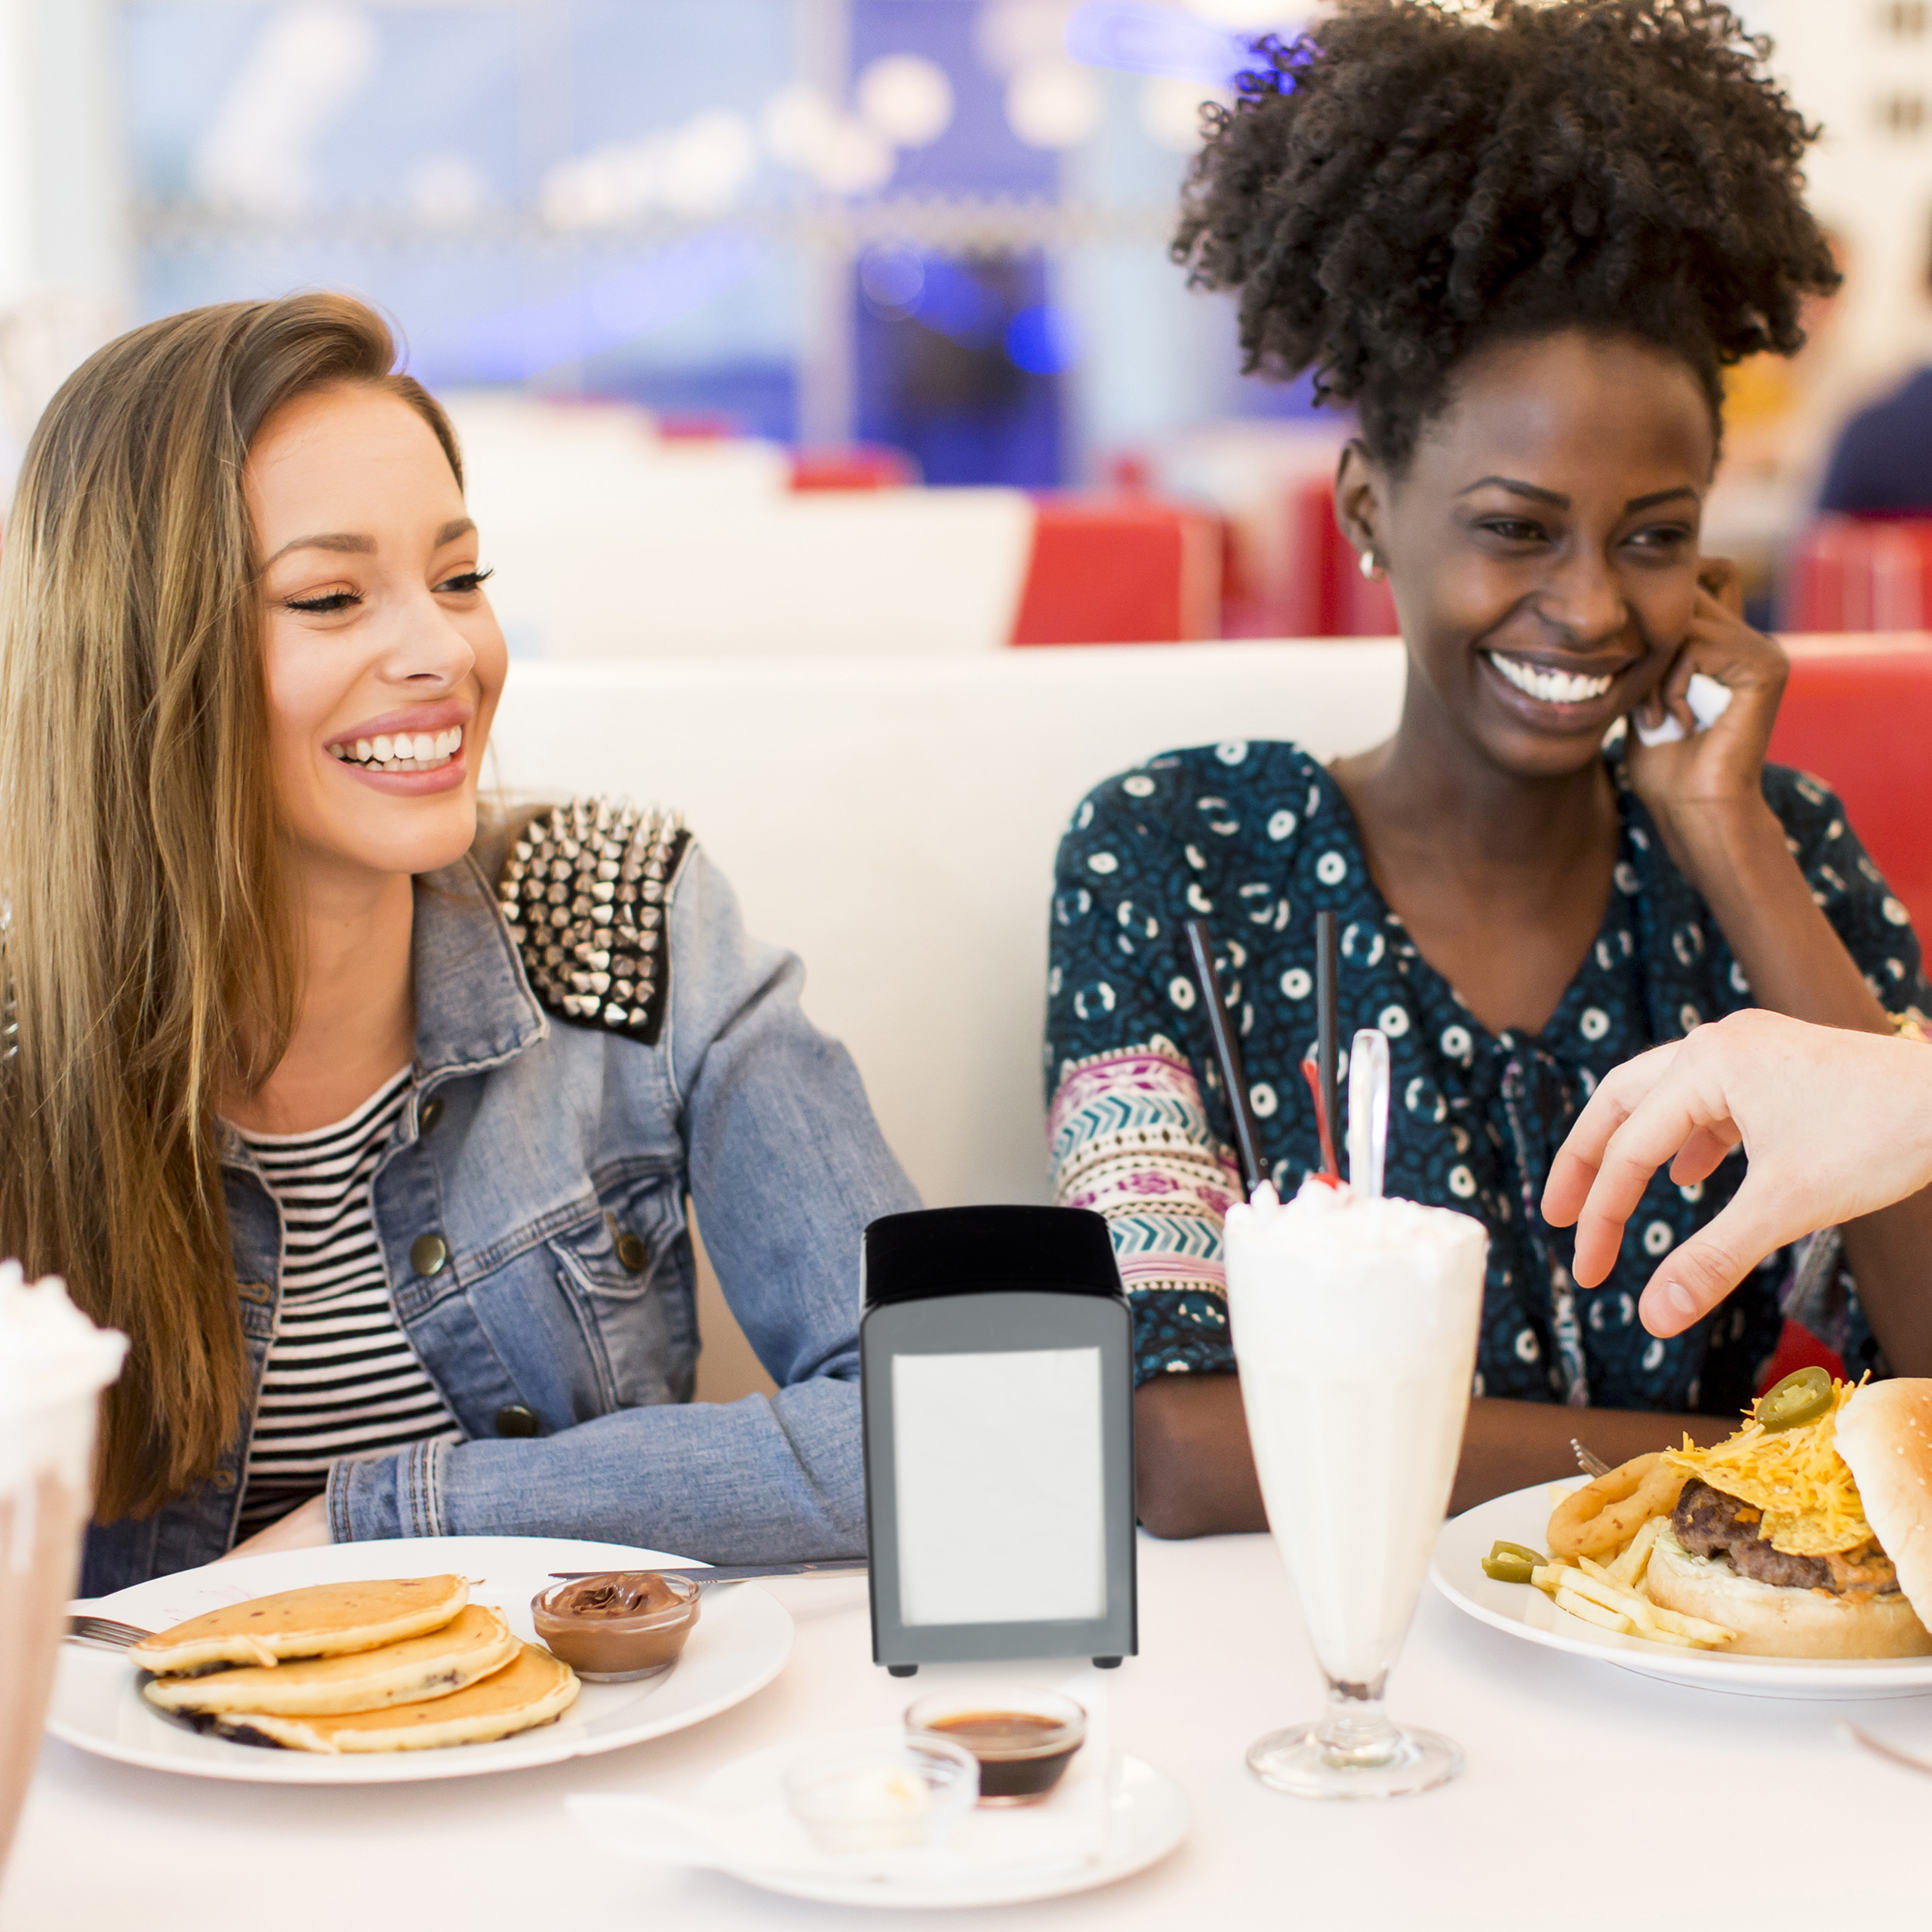 Napkin-Dispenser-Retro-American-Diner-Serviette-Holder-Restaurant thumbnail 7